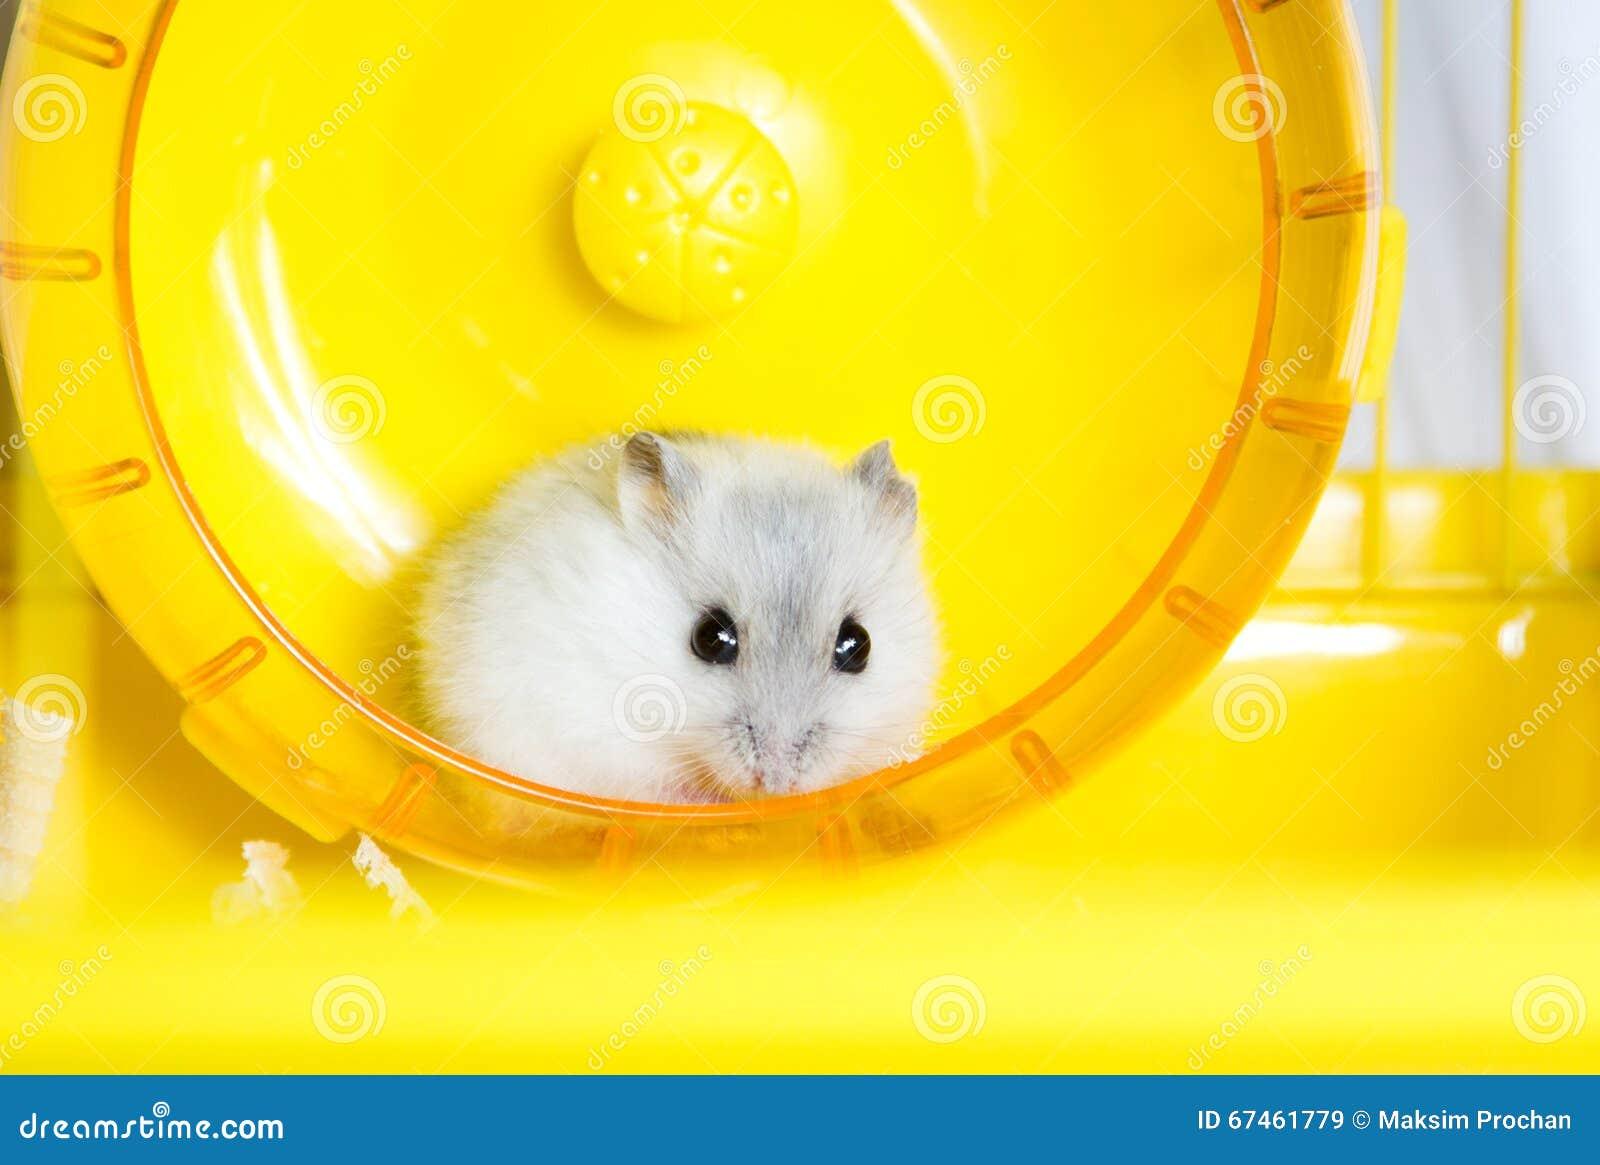 跑在轮子的活跃仓鼠.外甥v轮子三岁老虎图片